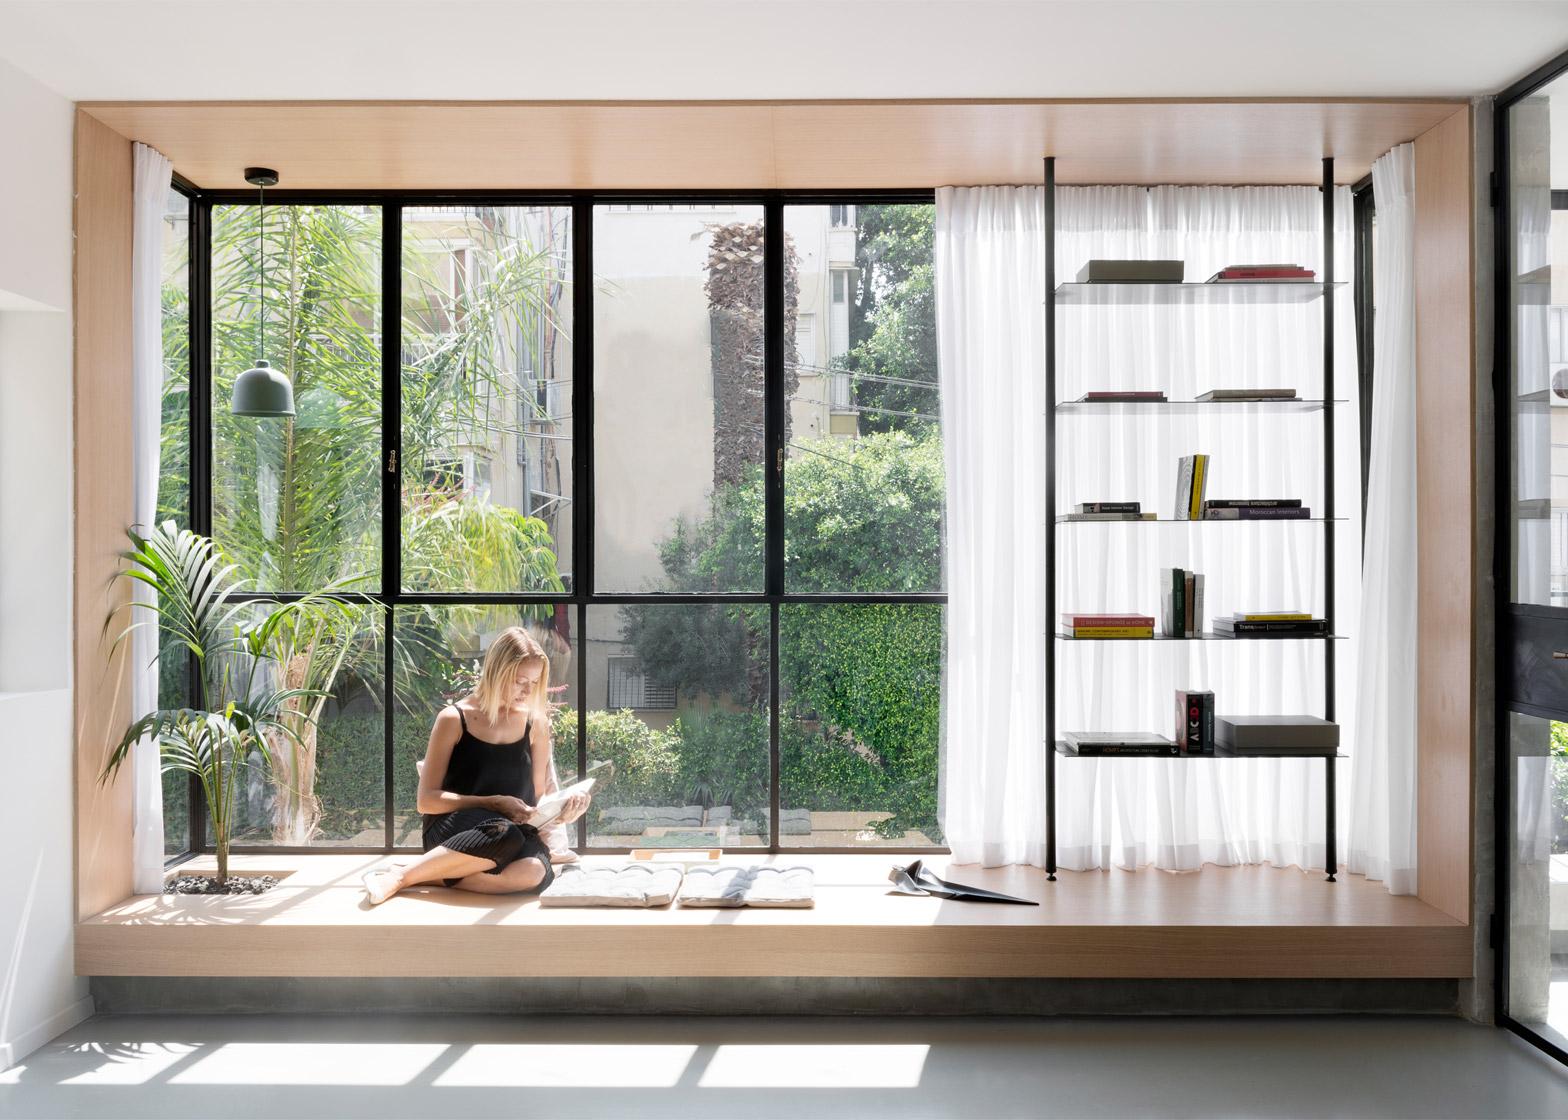 35 idee per l 39 angolo lettura livingcorriere - Davanzale interno finestra ...